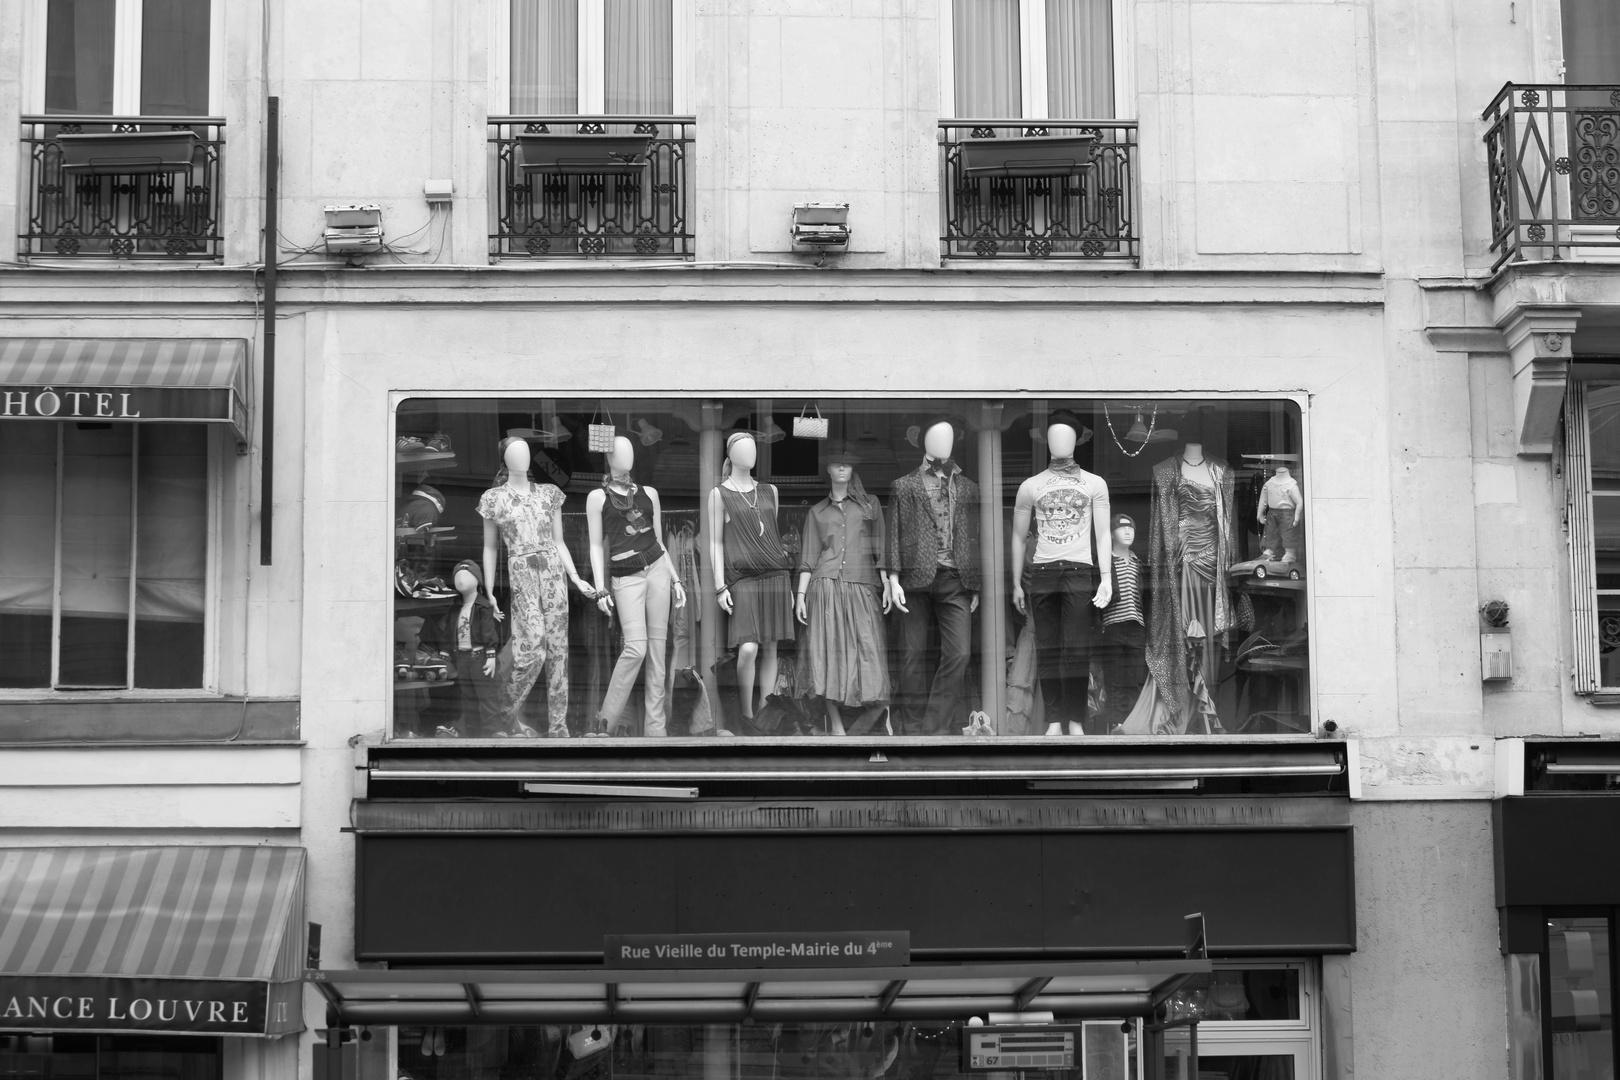 deuxieme étage - les mannequins no. 2